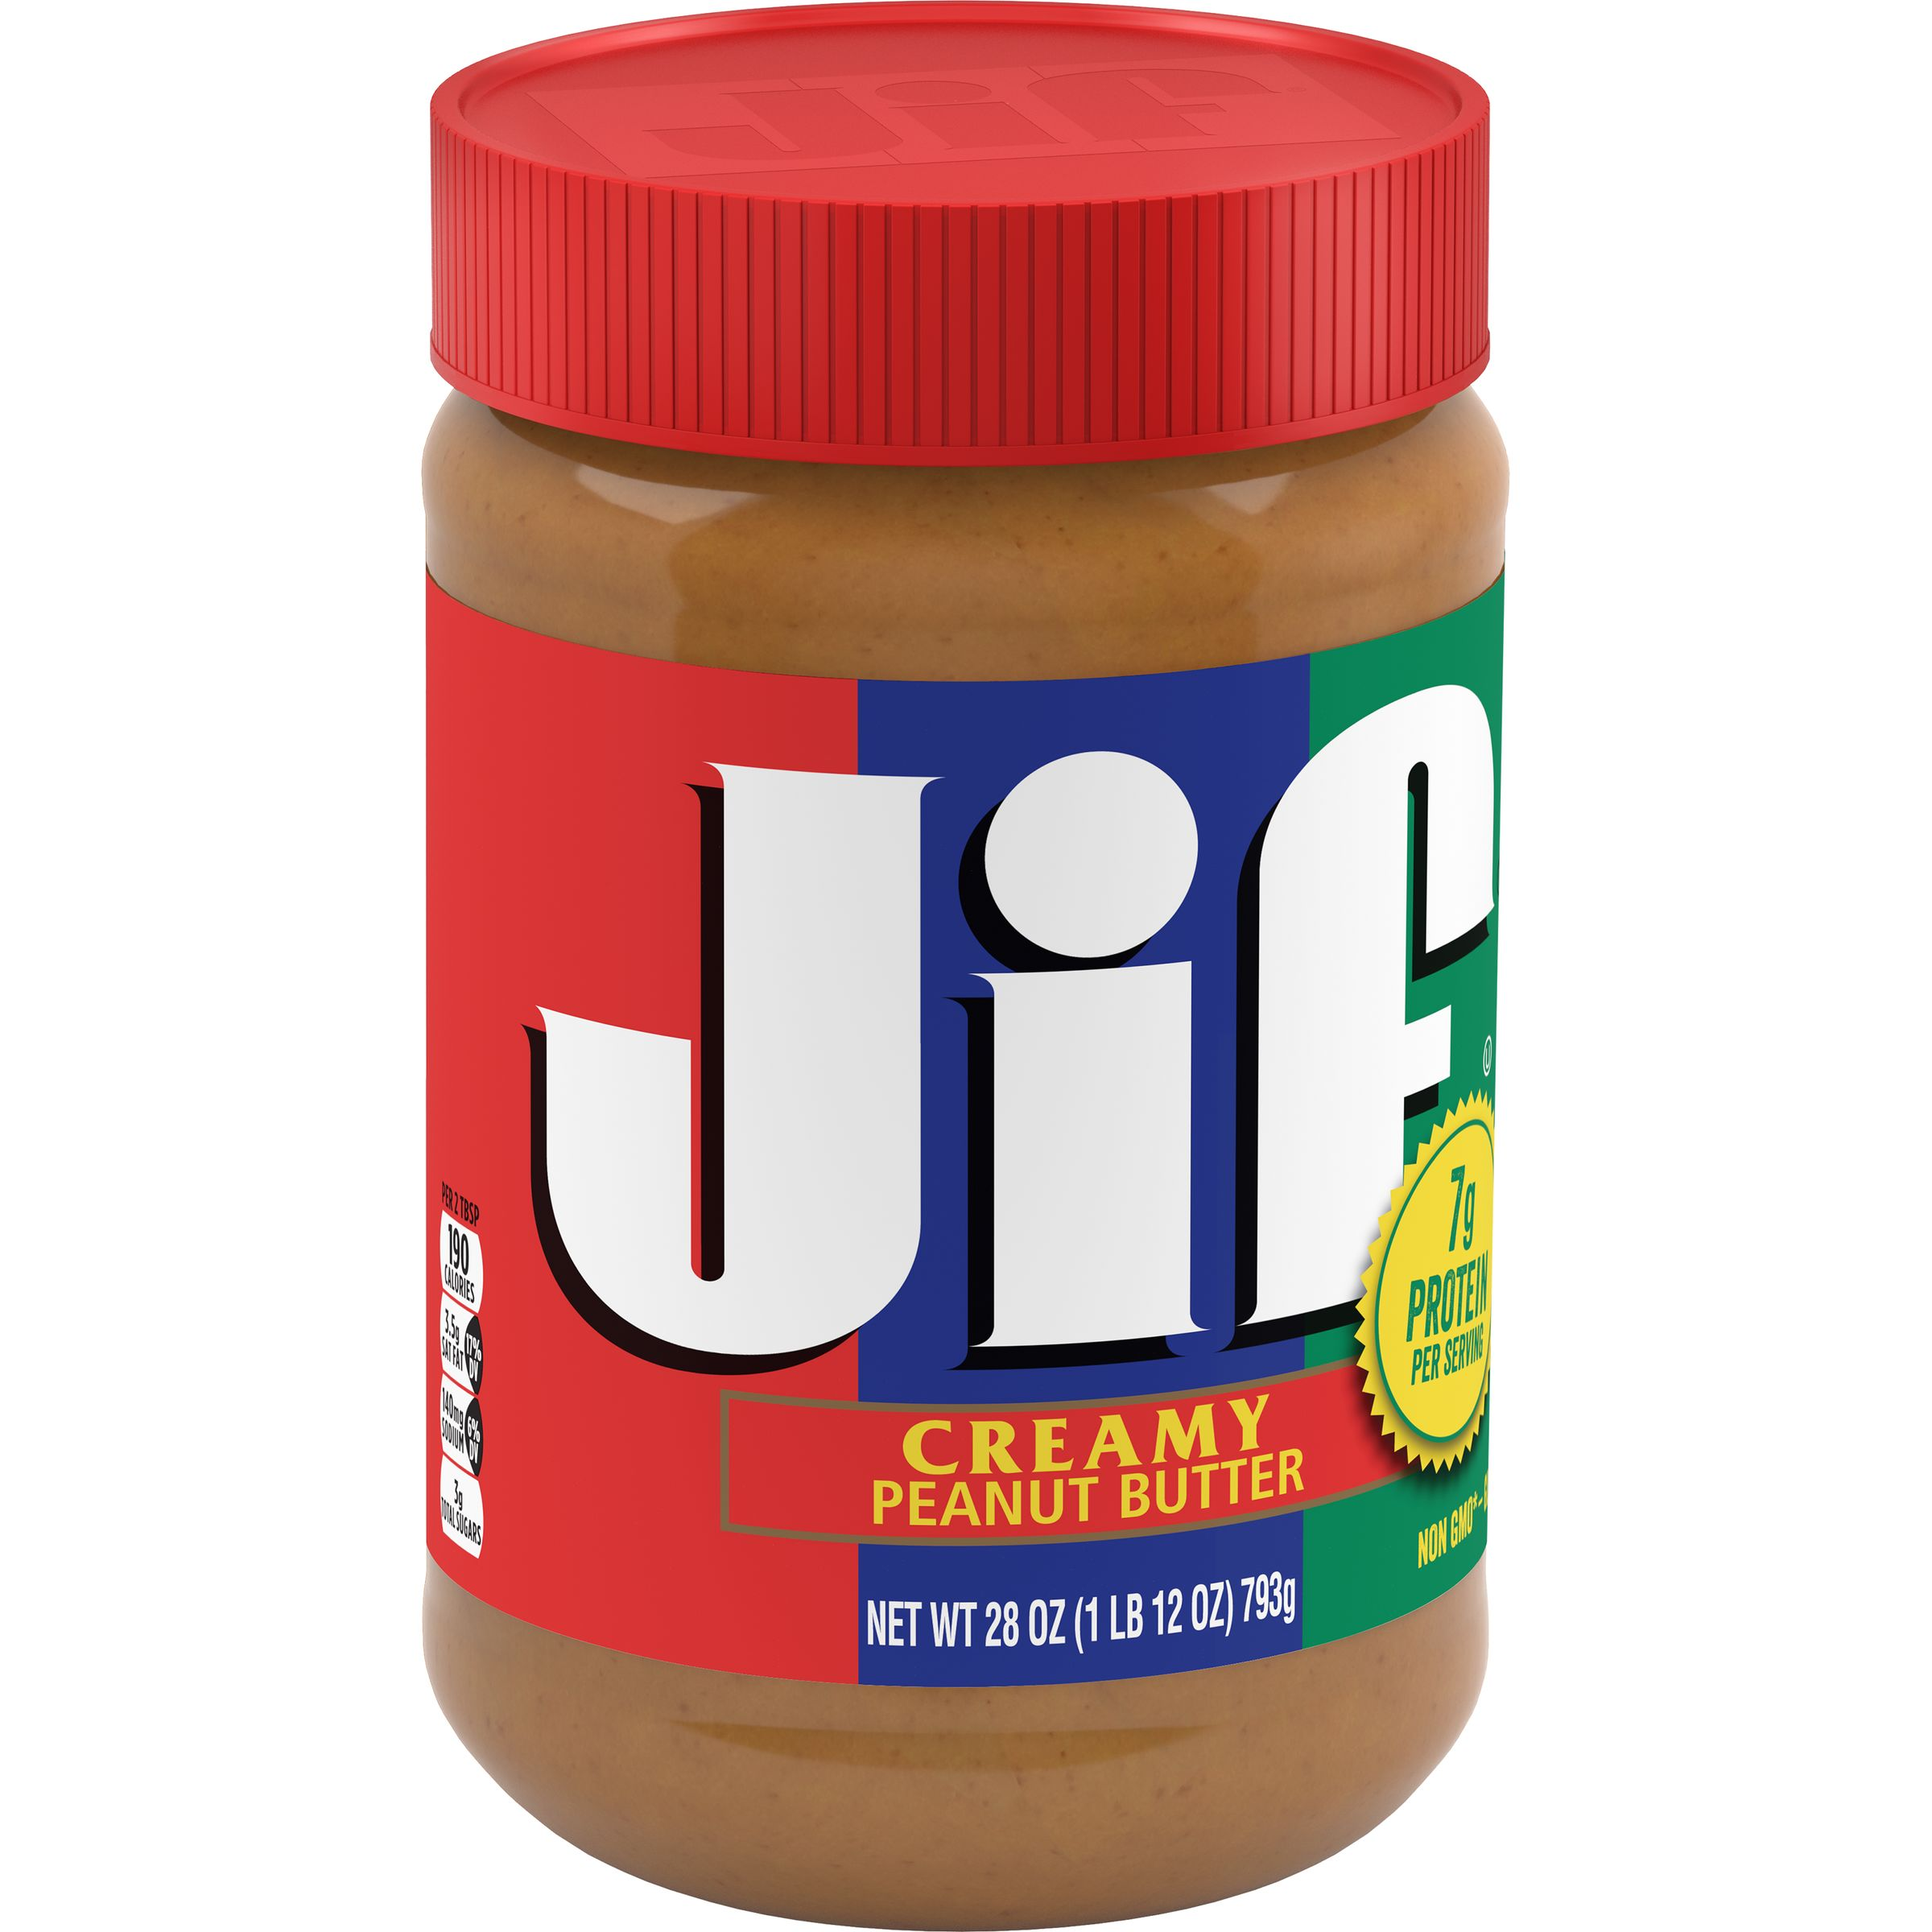 Jif Creamy Peanut Butter, 28-Ounce